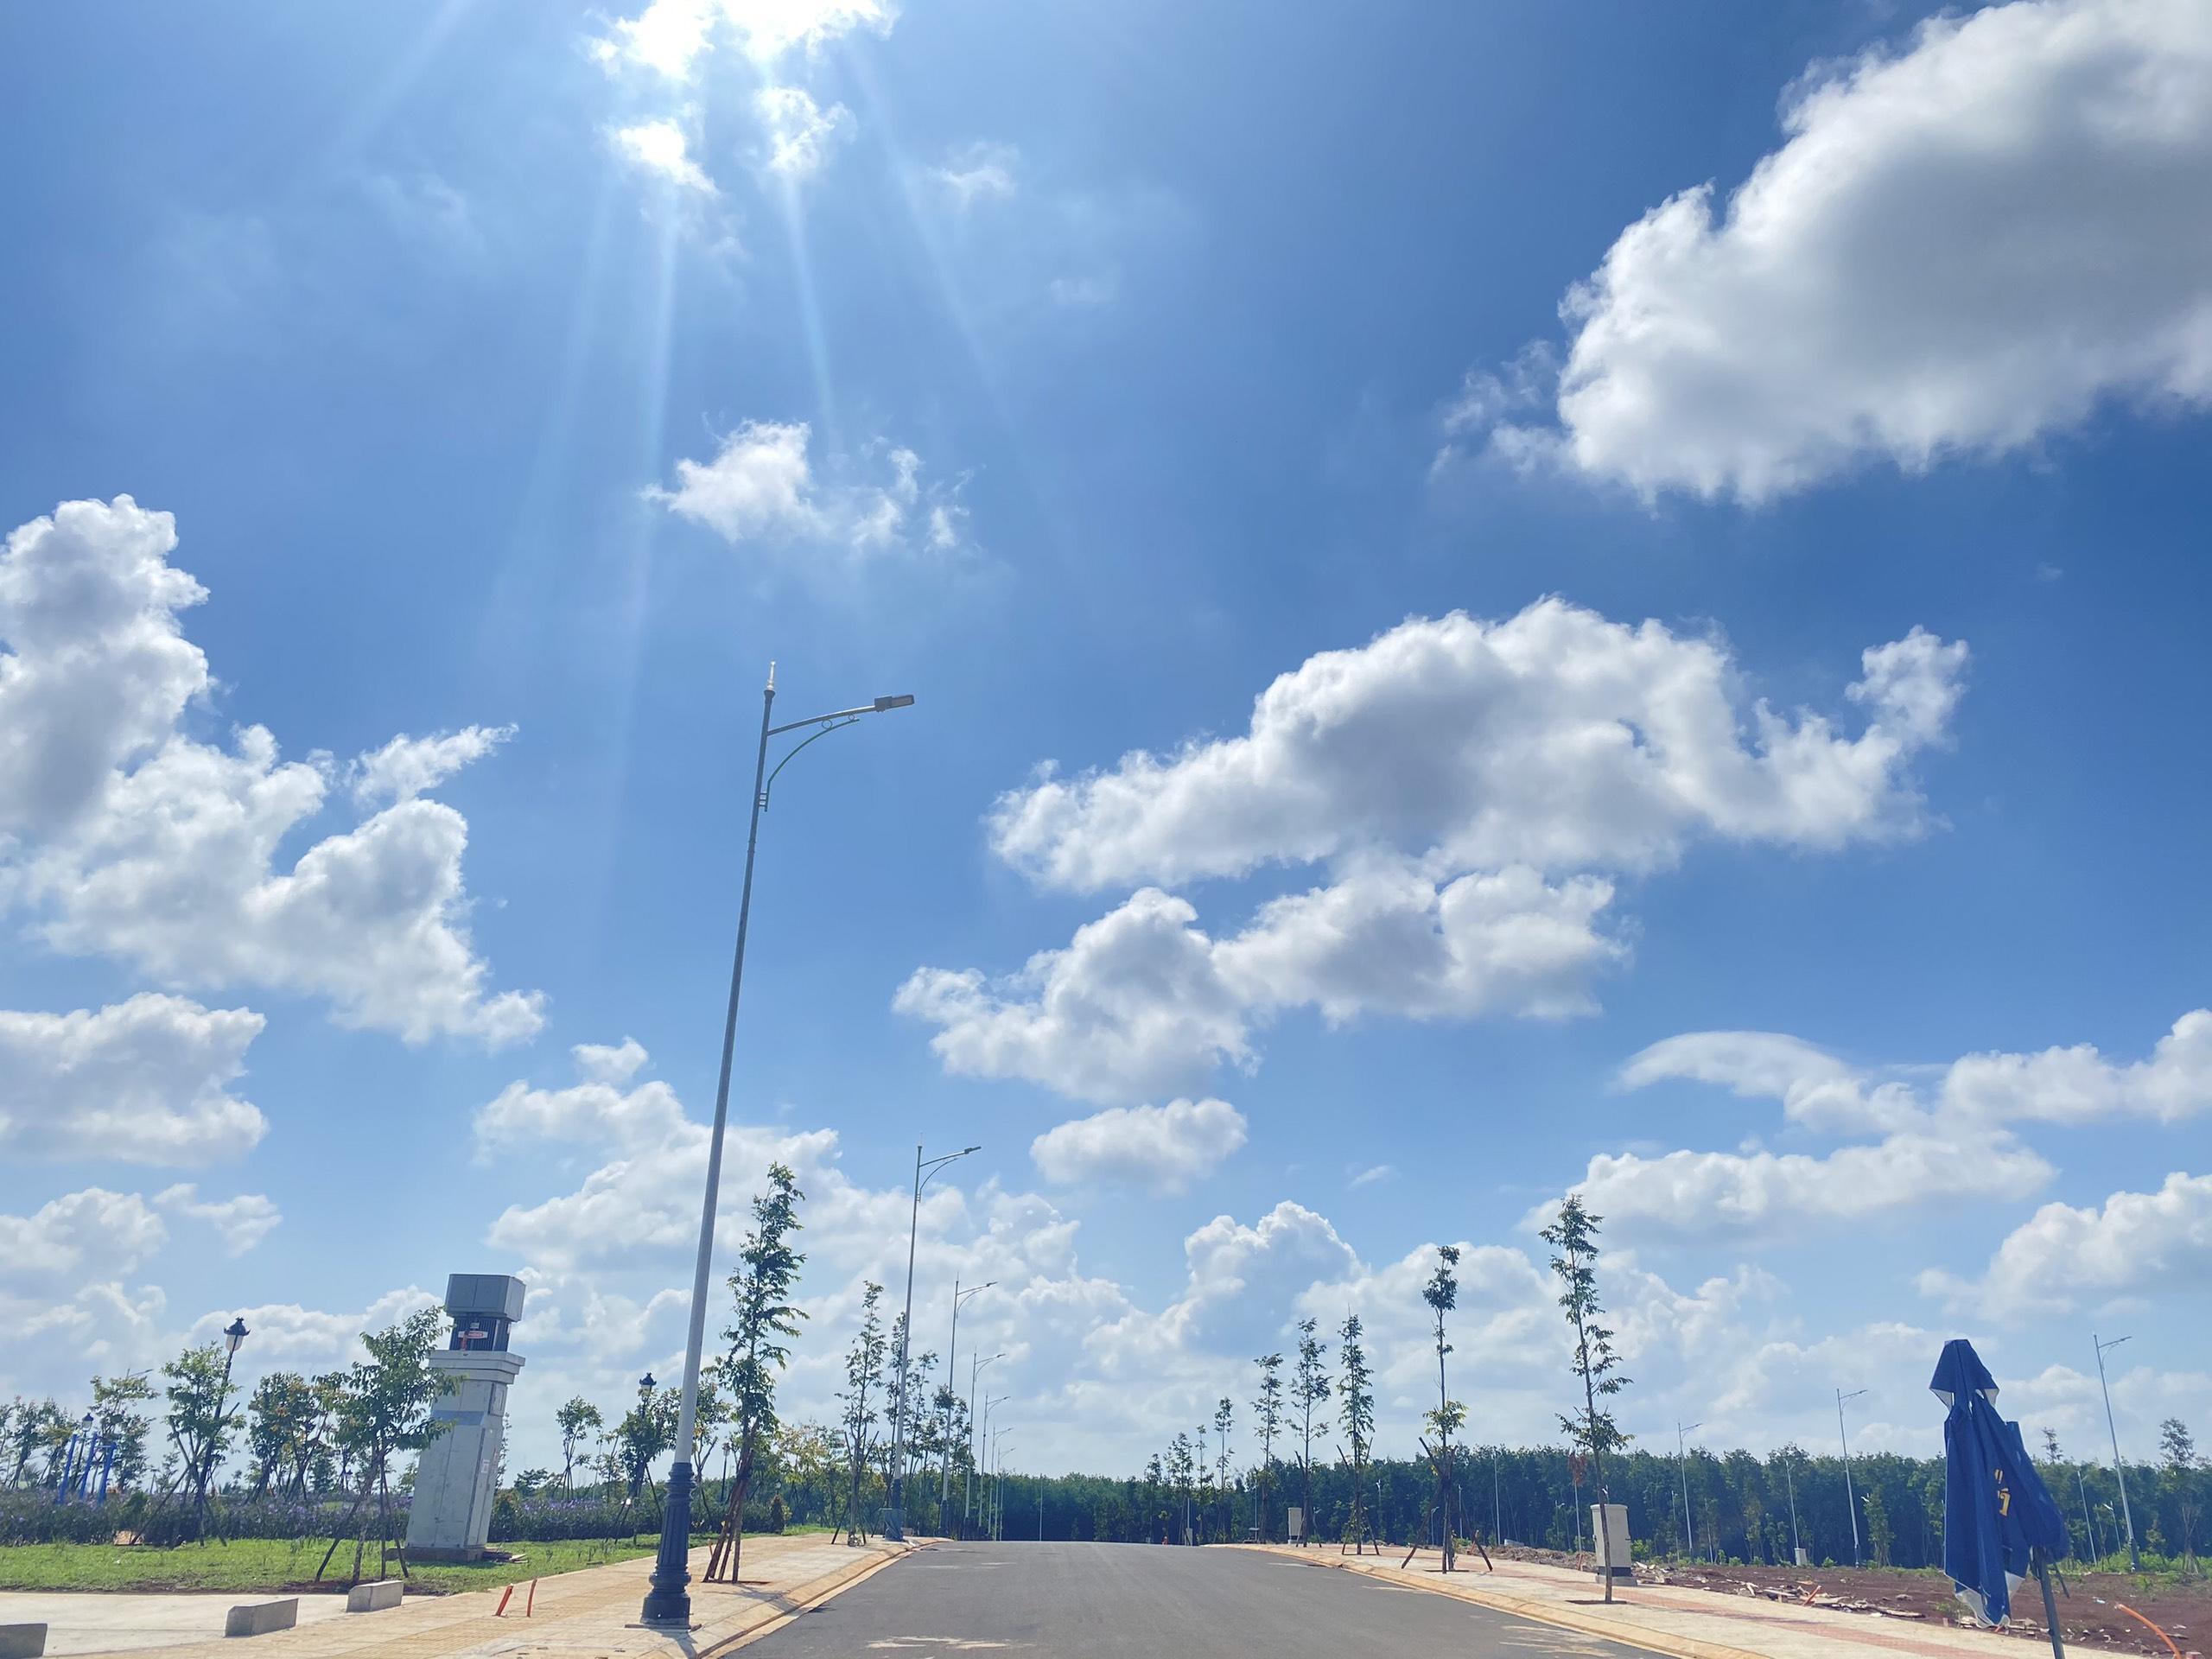 Cần bán Đất nền dự án Xã Tân An, Buôn Ma Thuột, Diện tích 100m², Giá 2 tỷ- LH: 0335964311